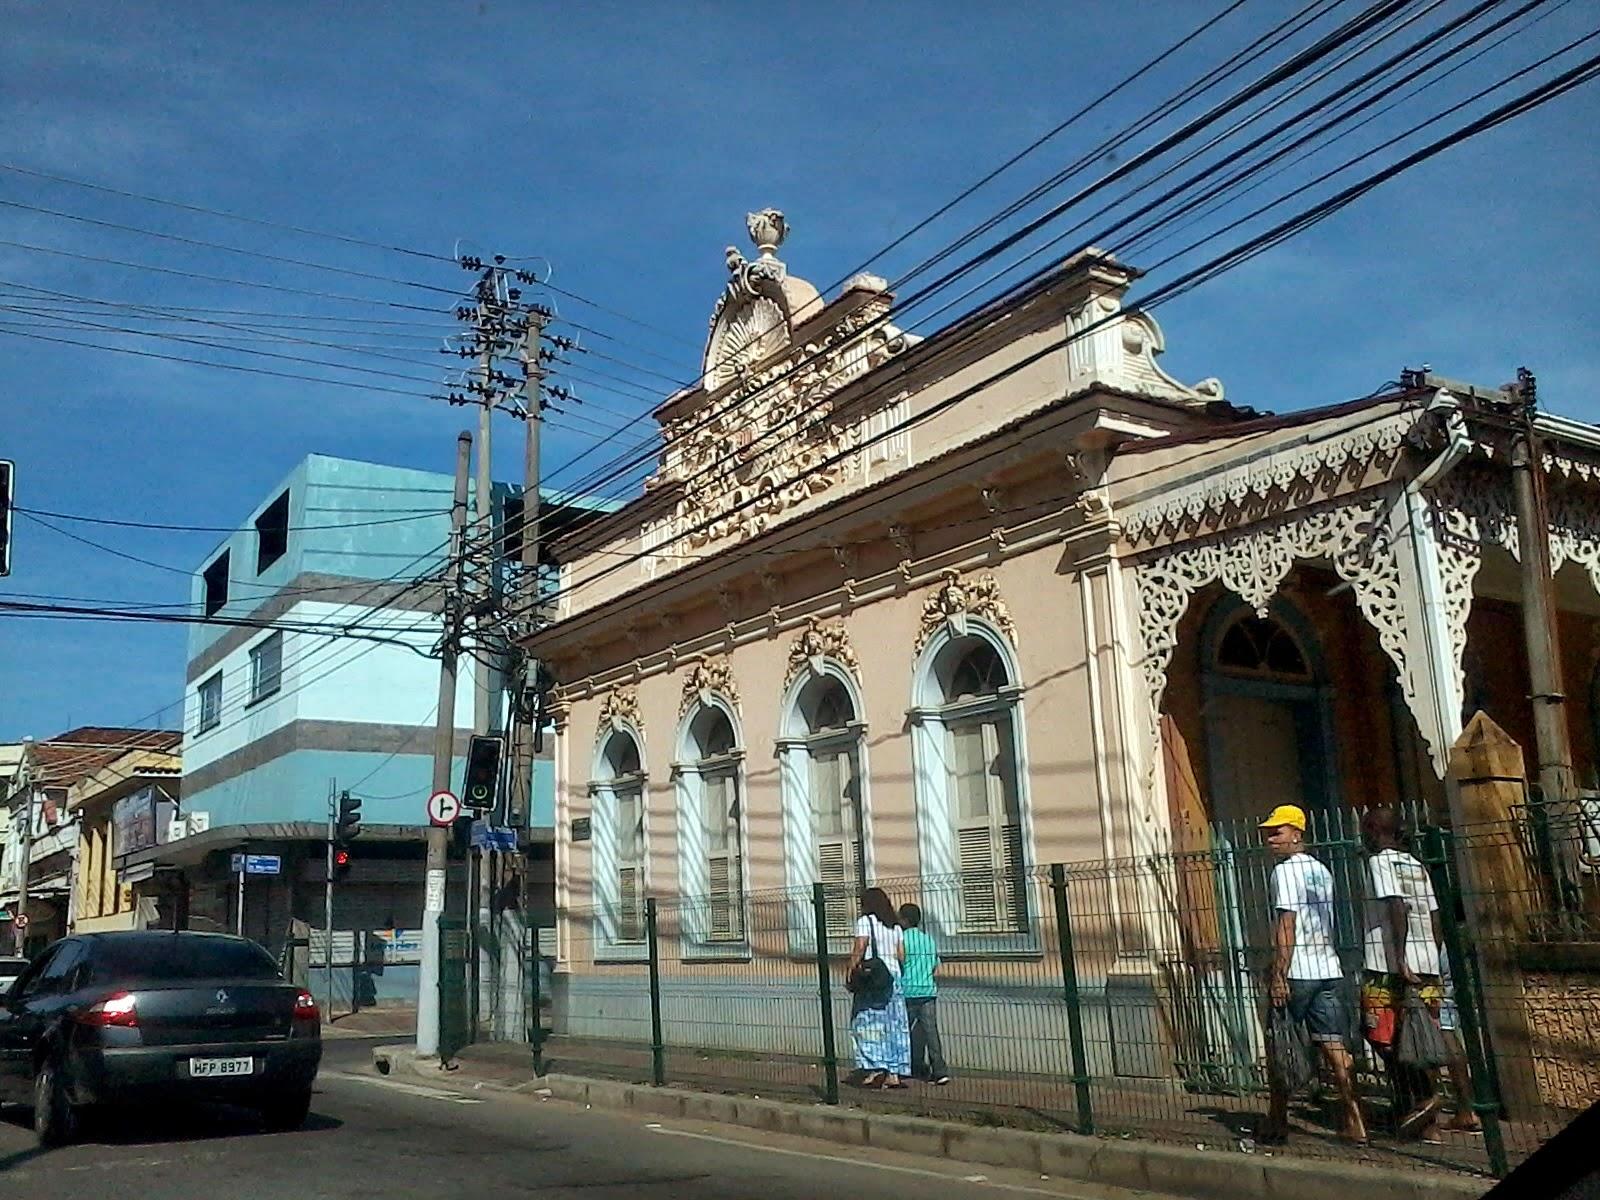 #3A6A91 PaisagemDeJanela: Juiz de Fora e Três Rios Blog Paisagem de Janela 1640 Janela De Aluminio Juiz De Fora